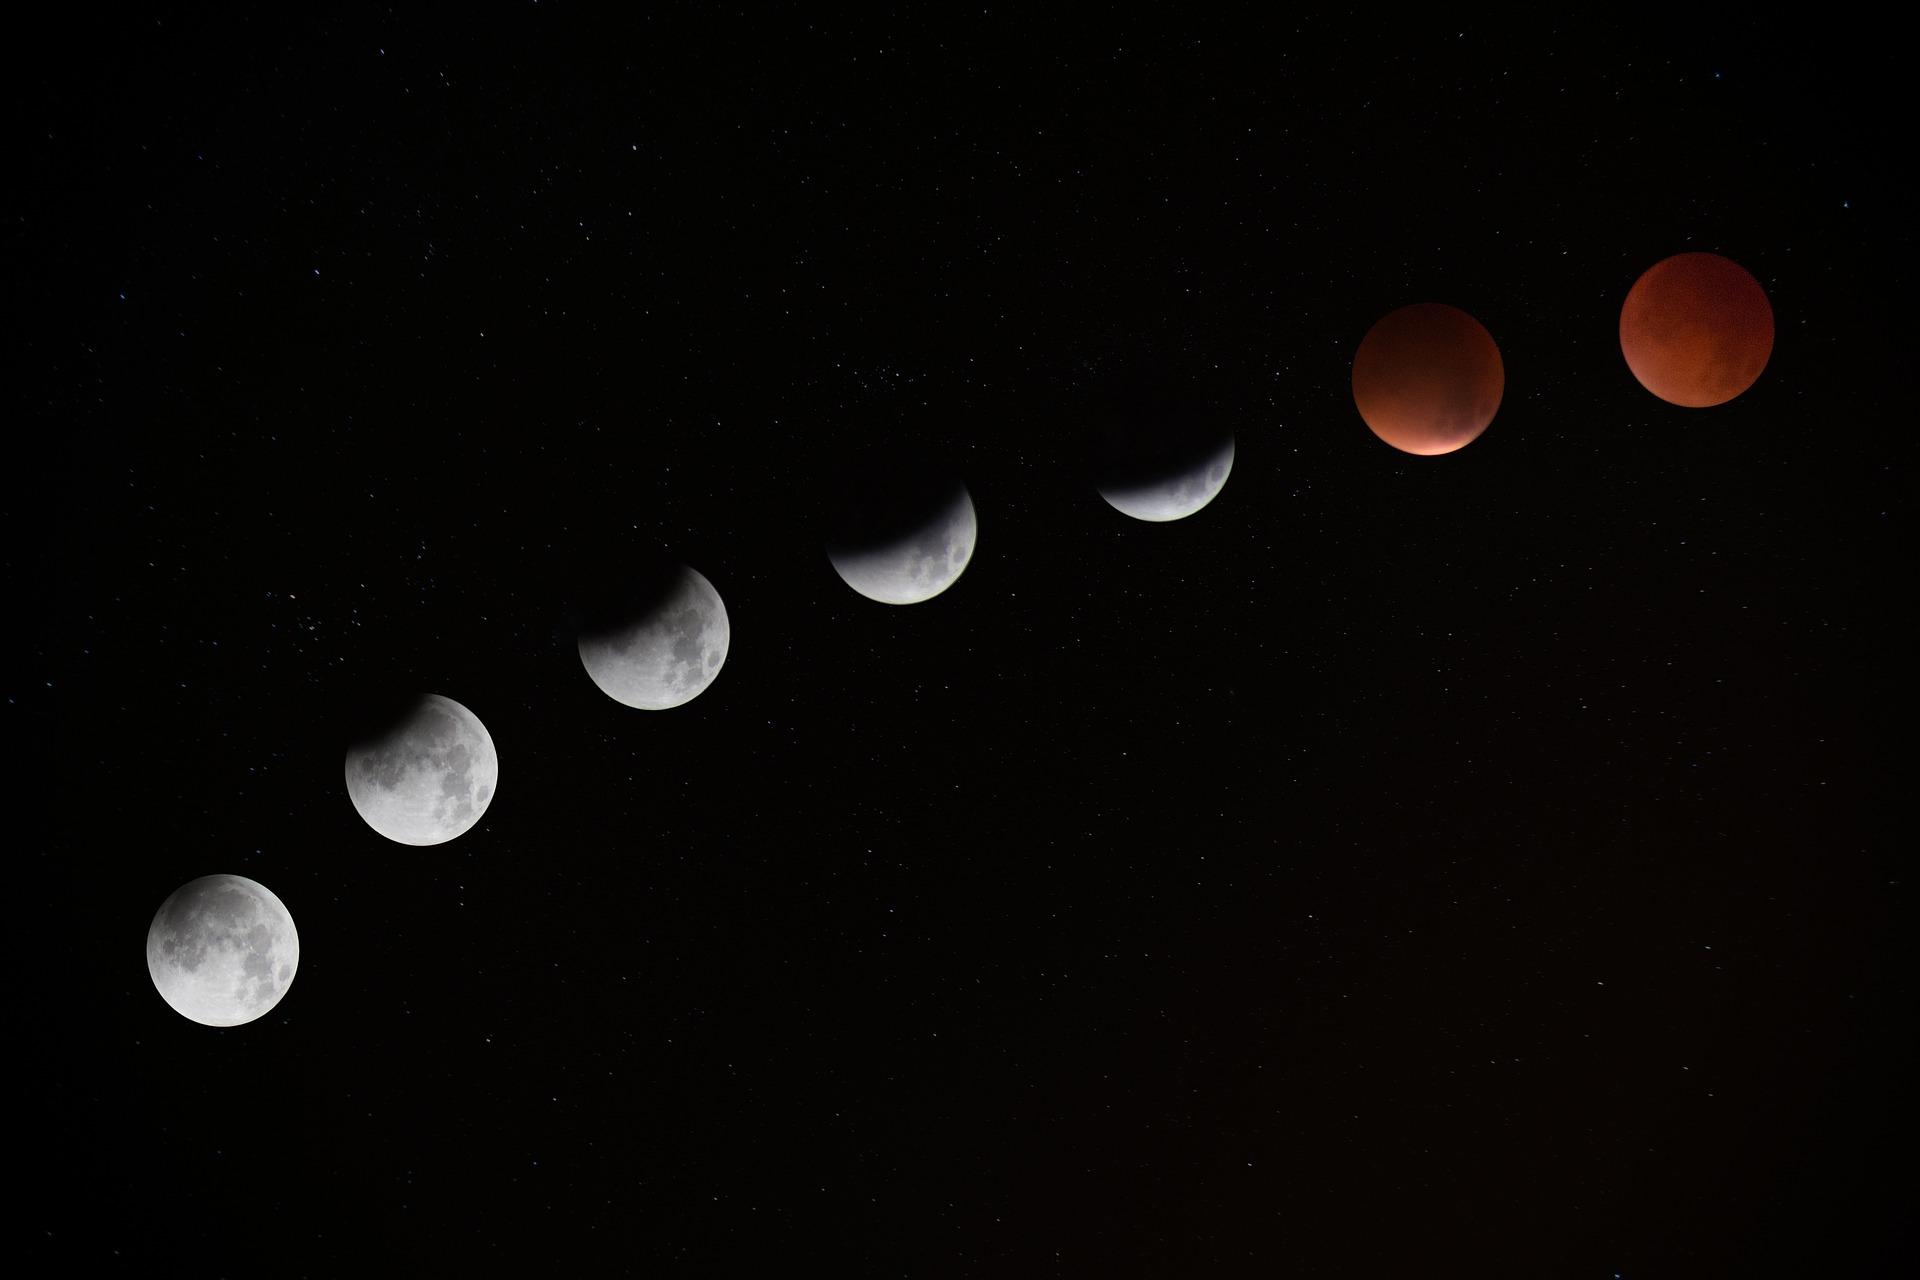 lunar-eclipse-962803_1920_1517068550057.jpg